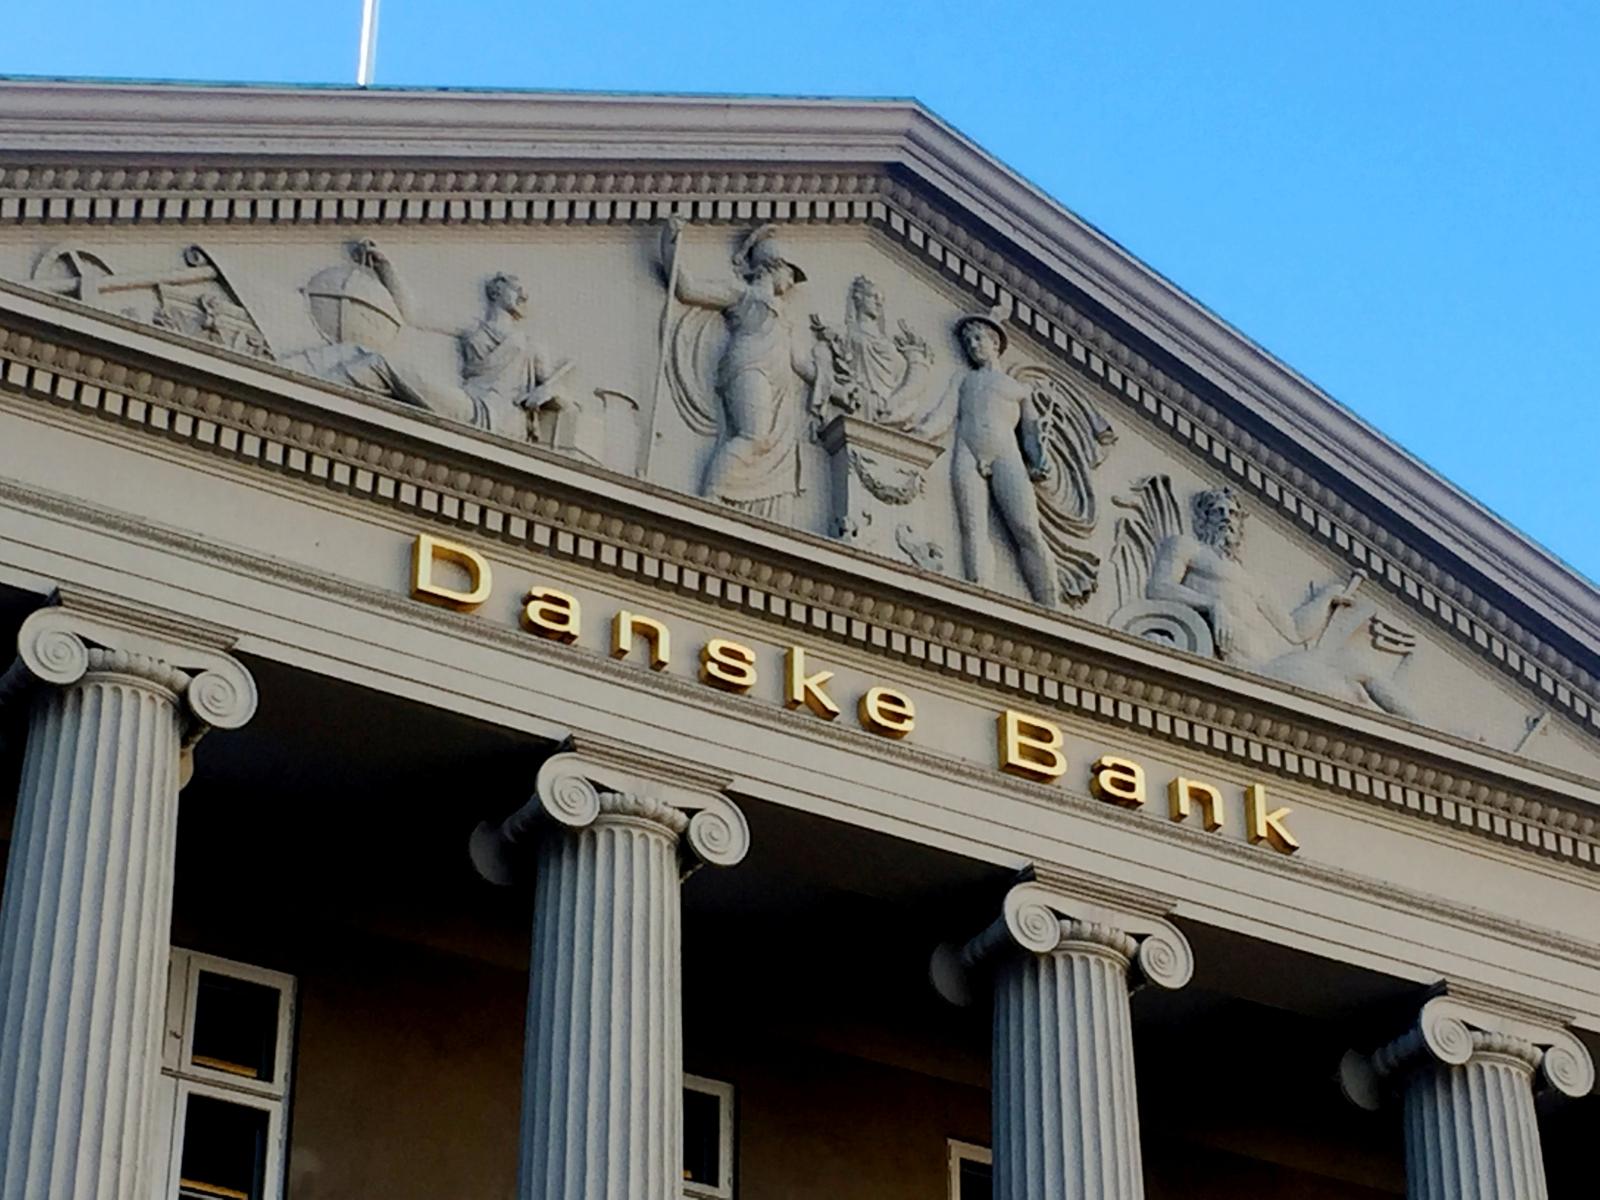 Danske Bank building